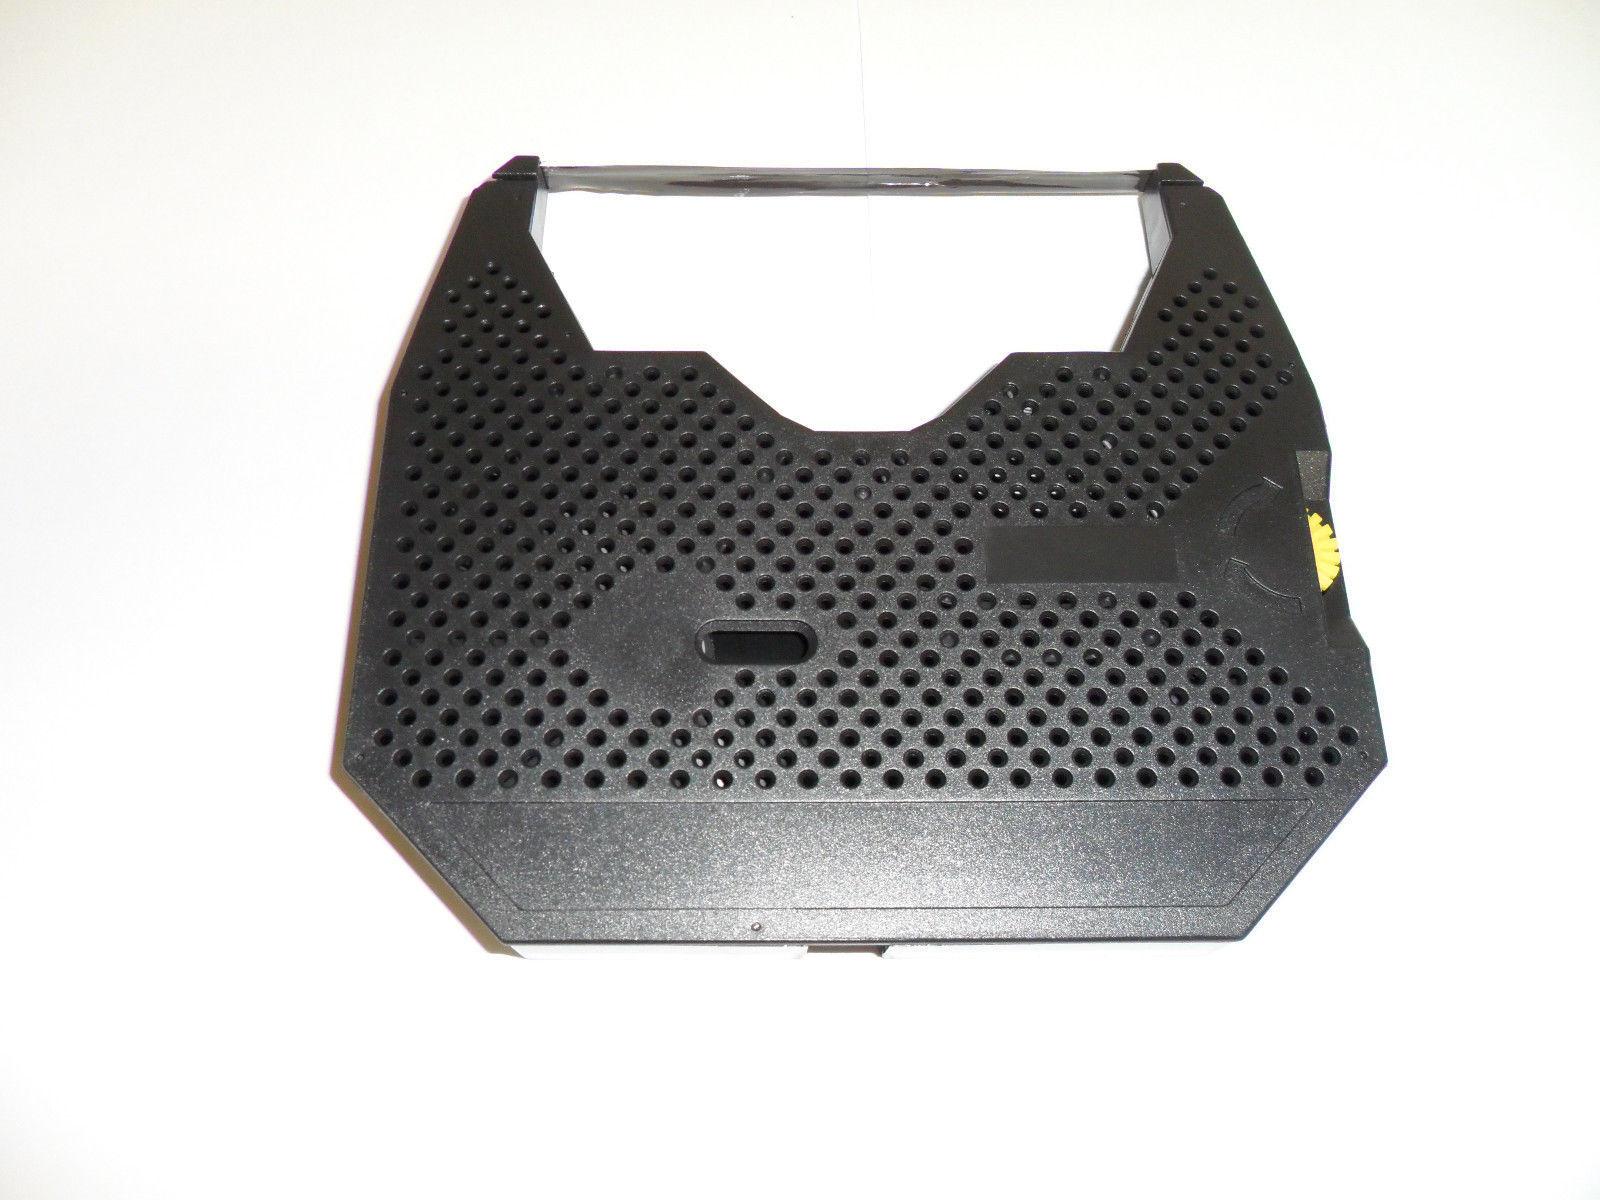 Sharp ZX507 ZX507S ZX510 ZX515 ZX515M ZX525 ZX550 Typewriter Ribbon